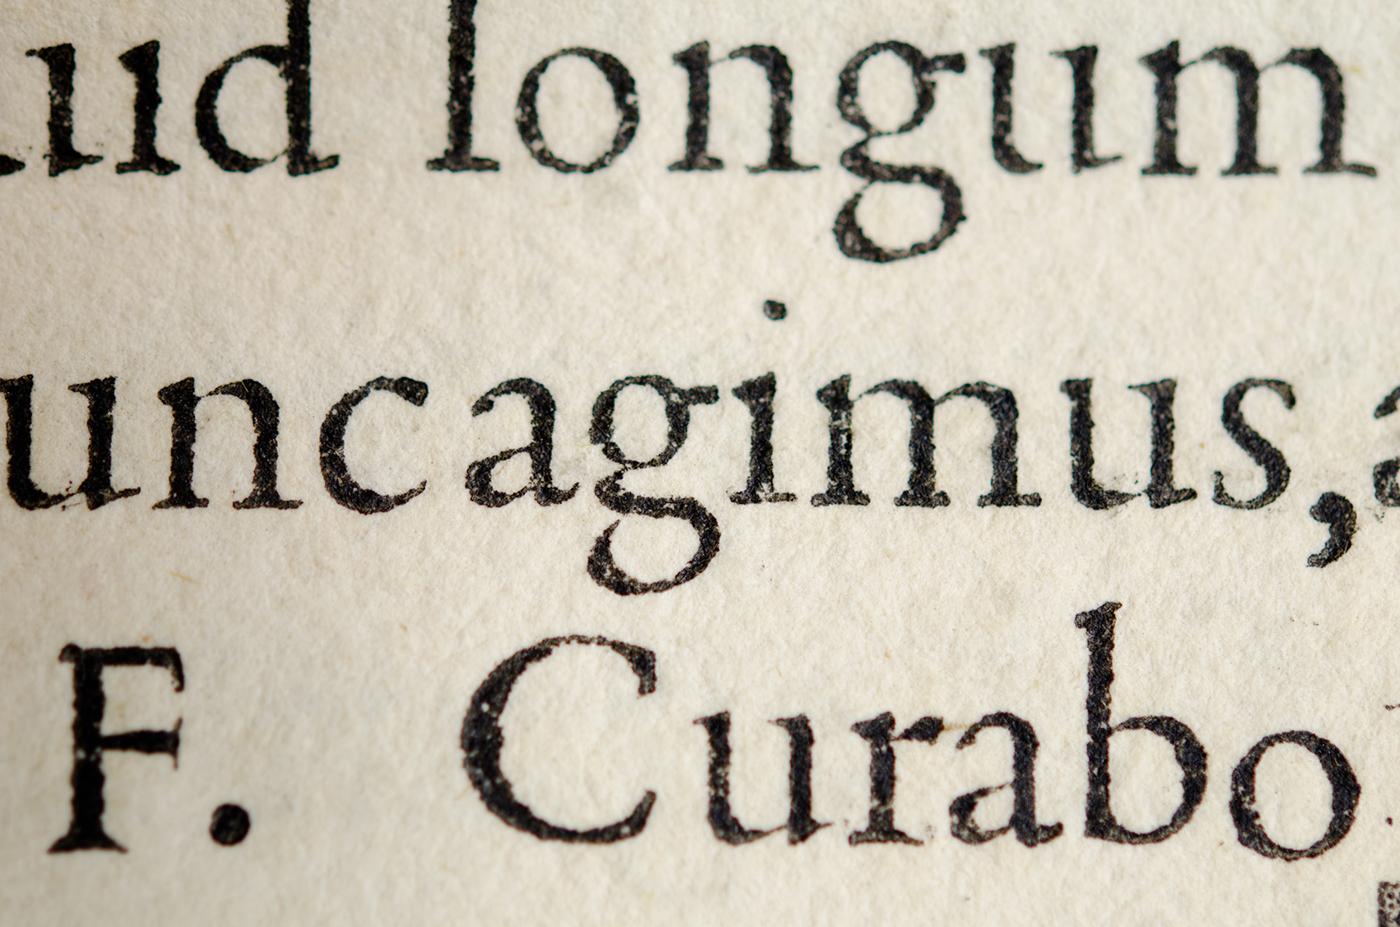 de-aetna-griffo-typeface